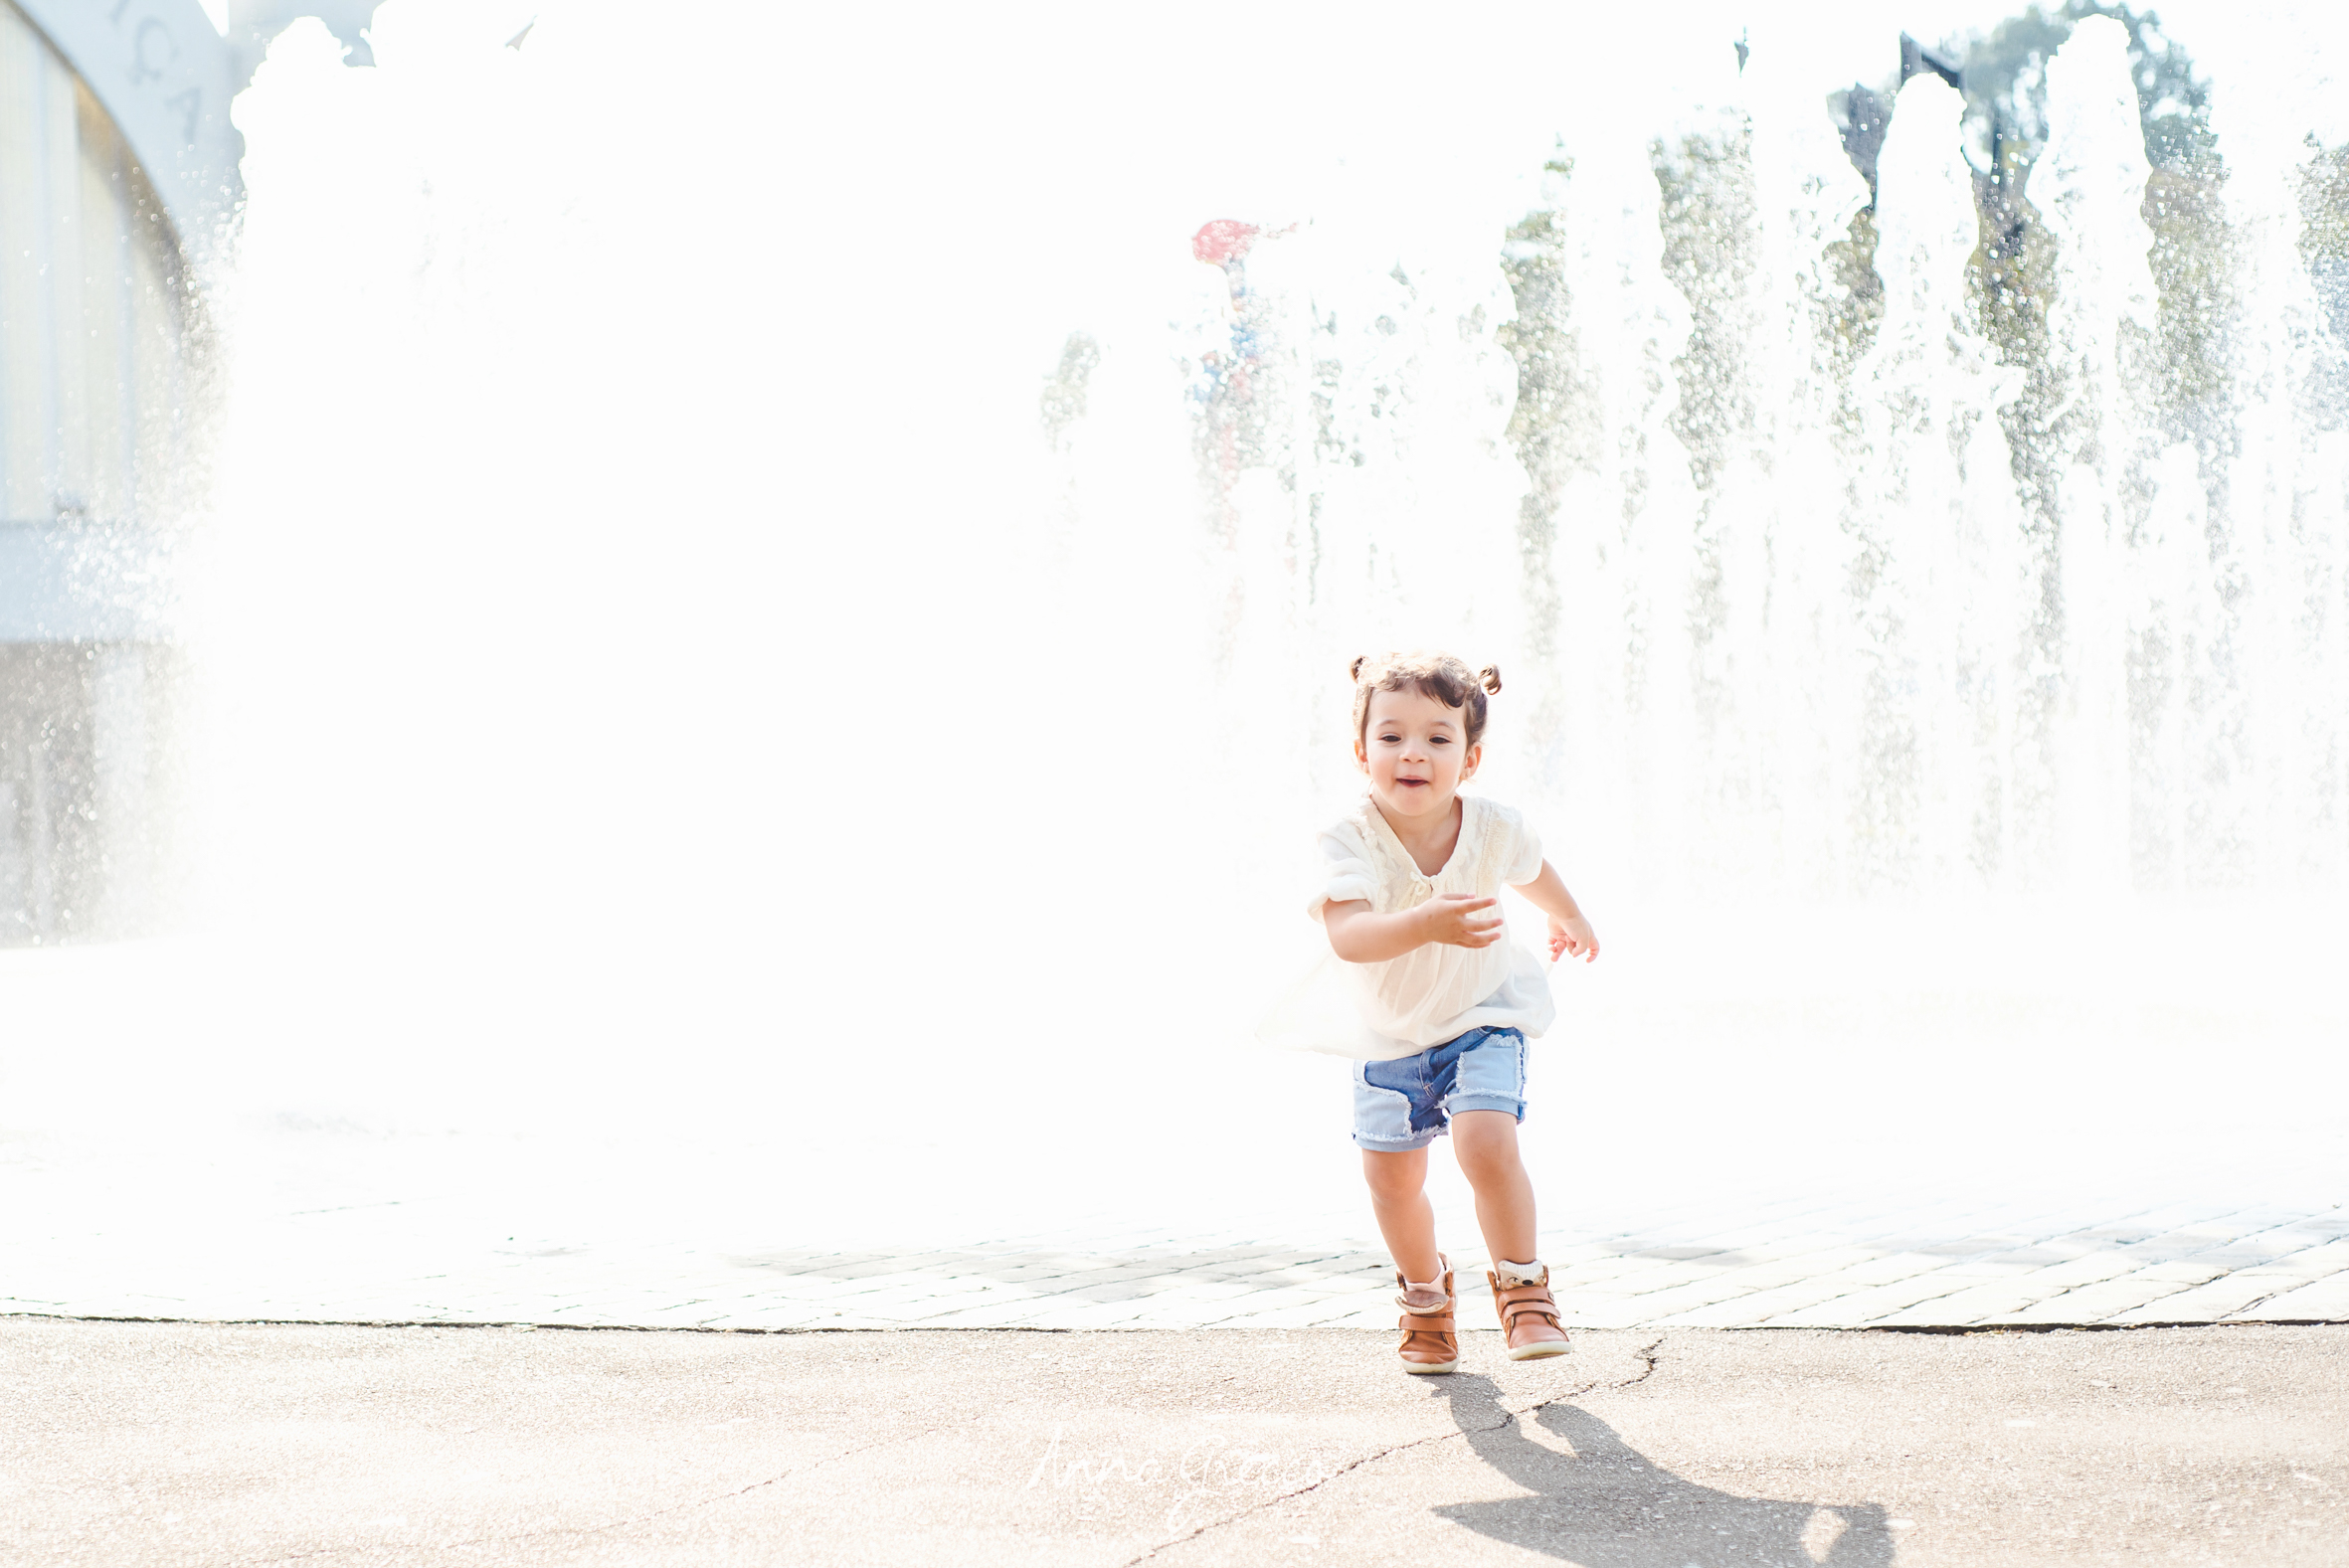 Hopi Hari - Ensaio fotográfico no Parque de diversões em Vinhedo (Campinas, Valinhos e região de São Paulo) - Fotos Anna Grecco (www.annagrecco.com.br) - Book de famílias, bebês, crianças e newborn